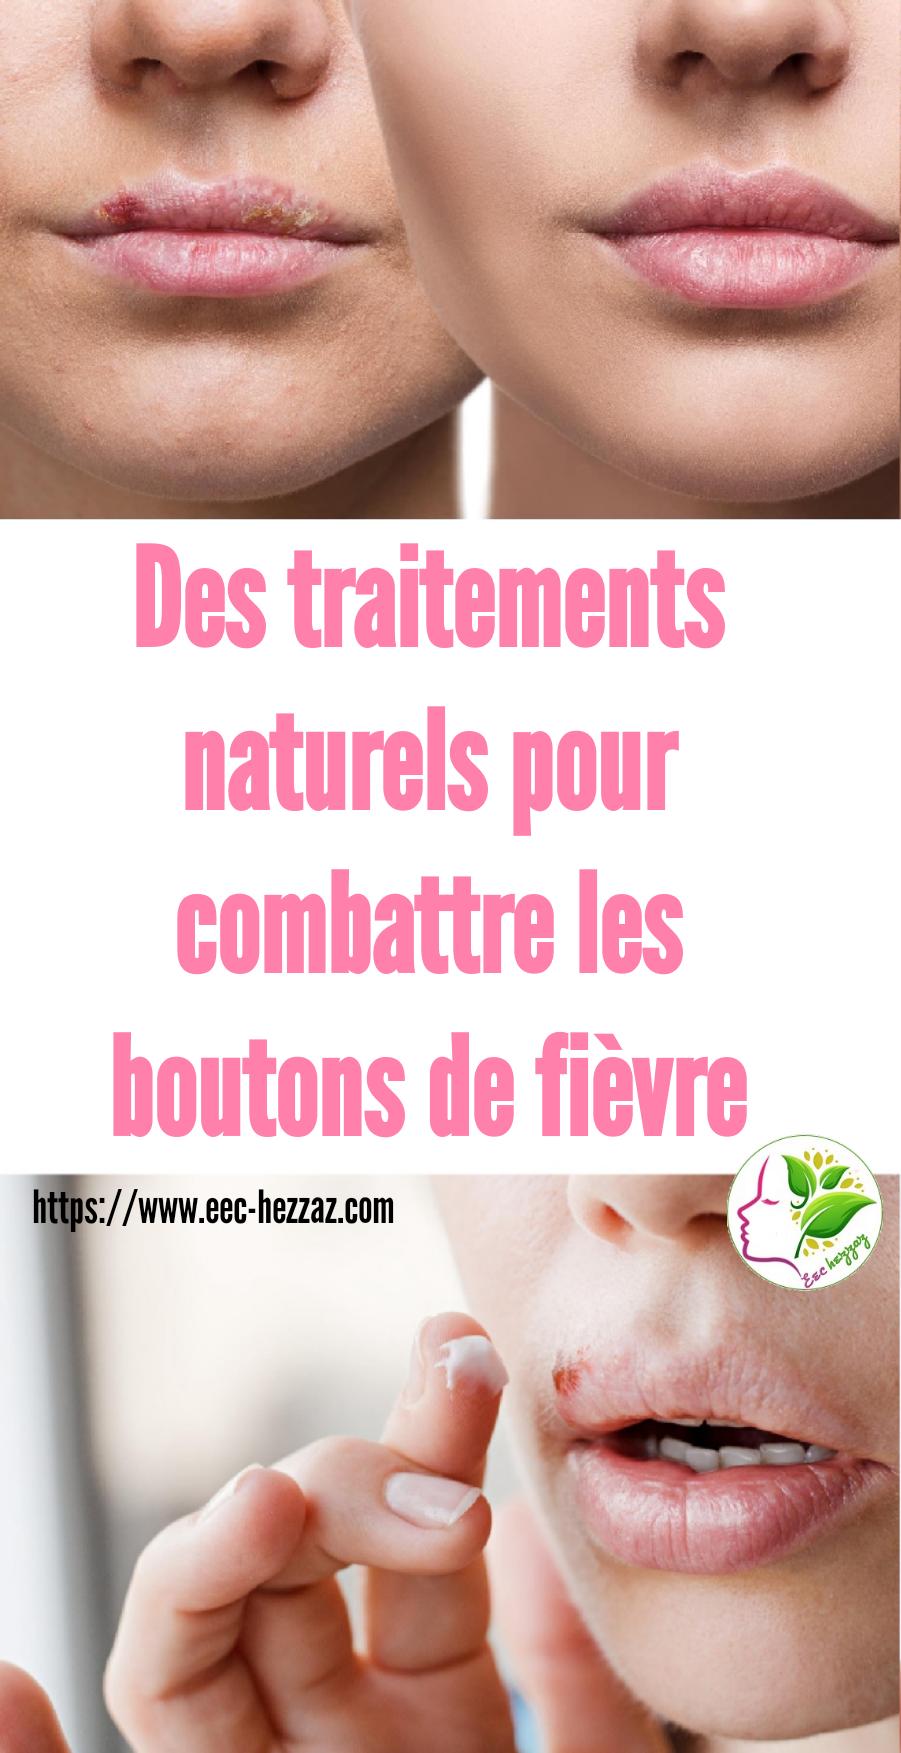 Des traitements naturels pour combattre les boutons de fièvre